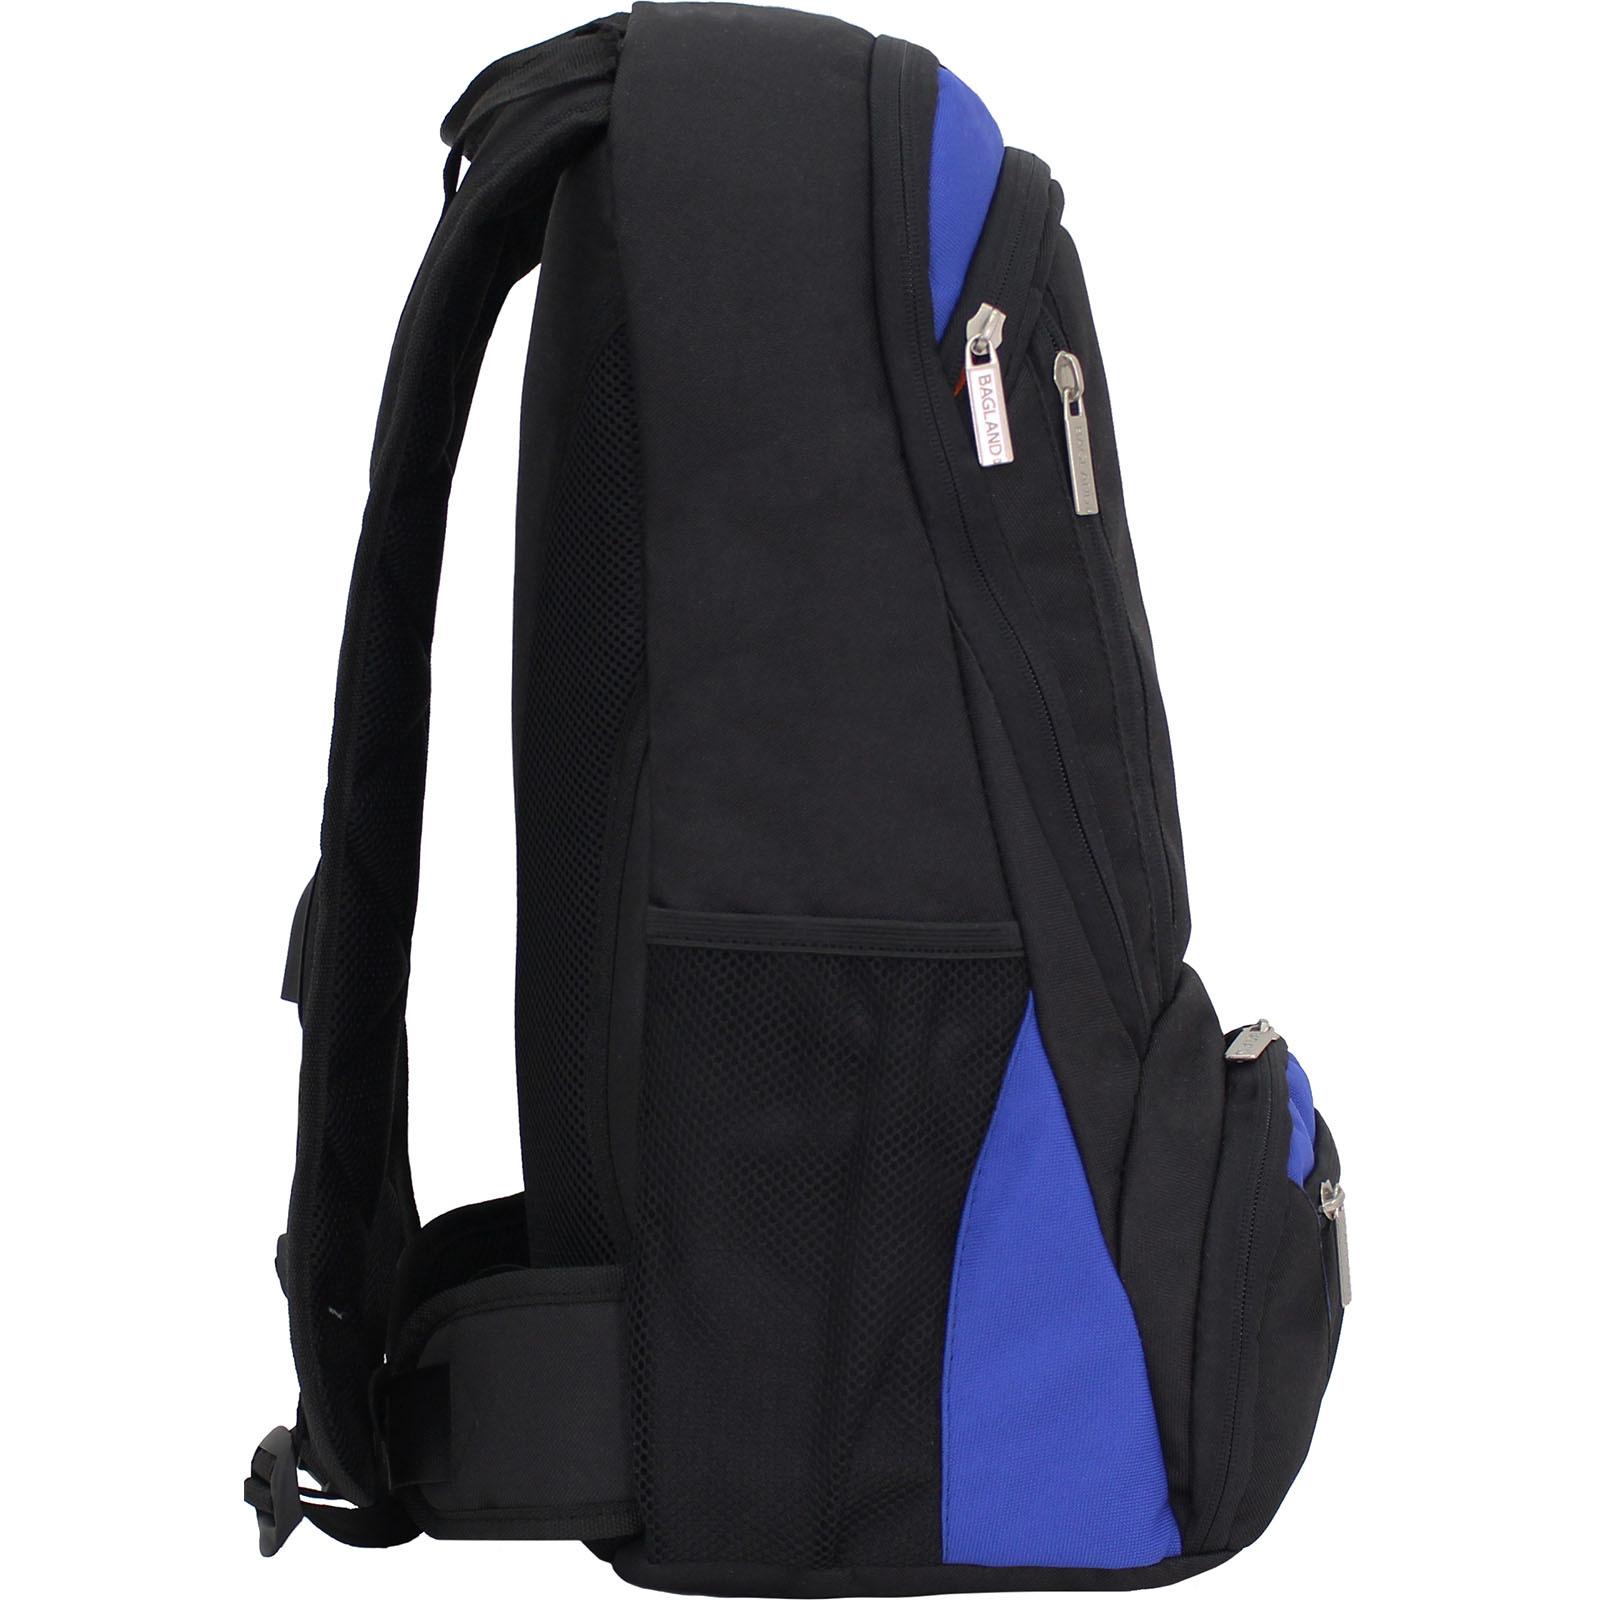 Рюкзак для ноутбука Bagland Granite 23 л. Черный/электрик (0012066) фото 2